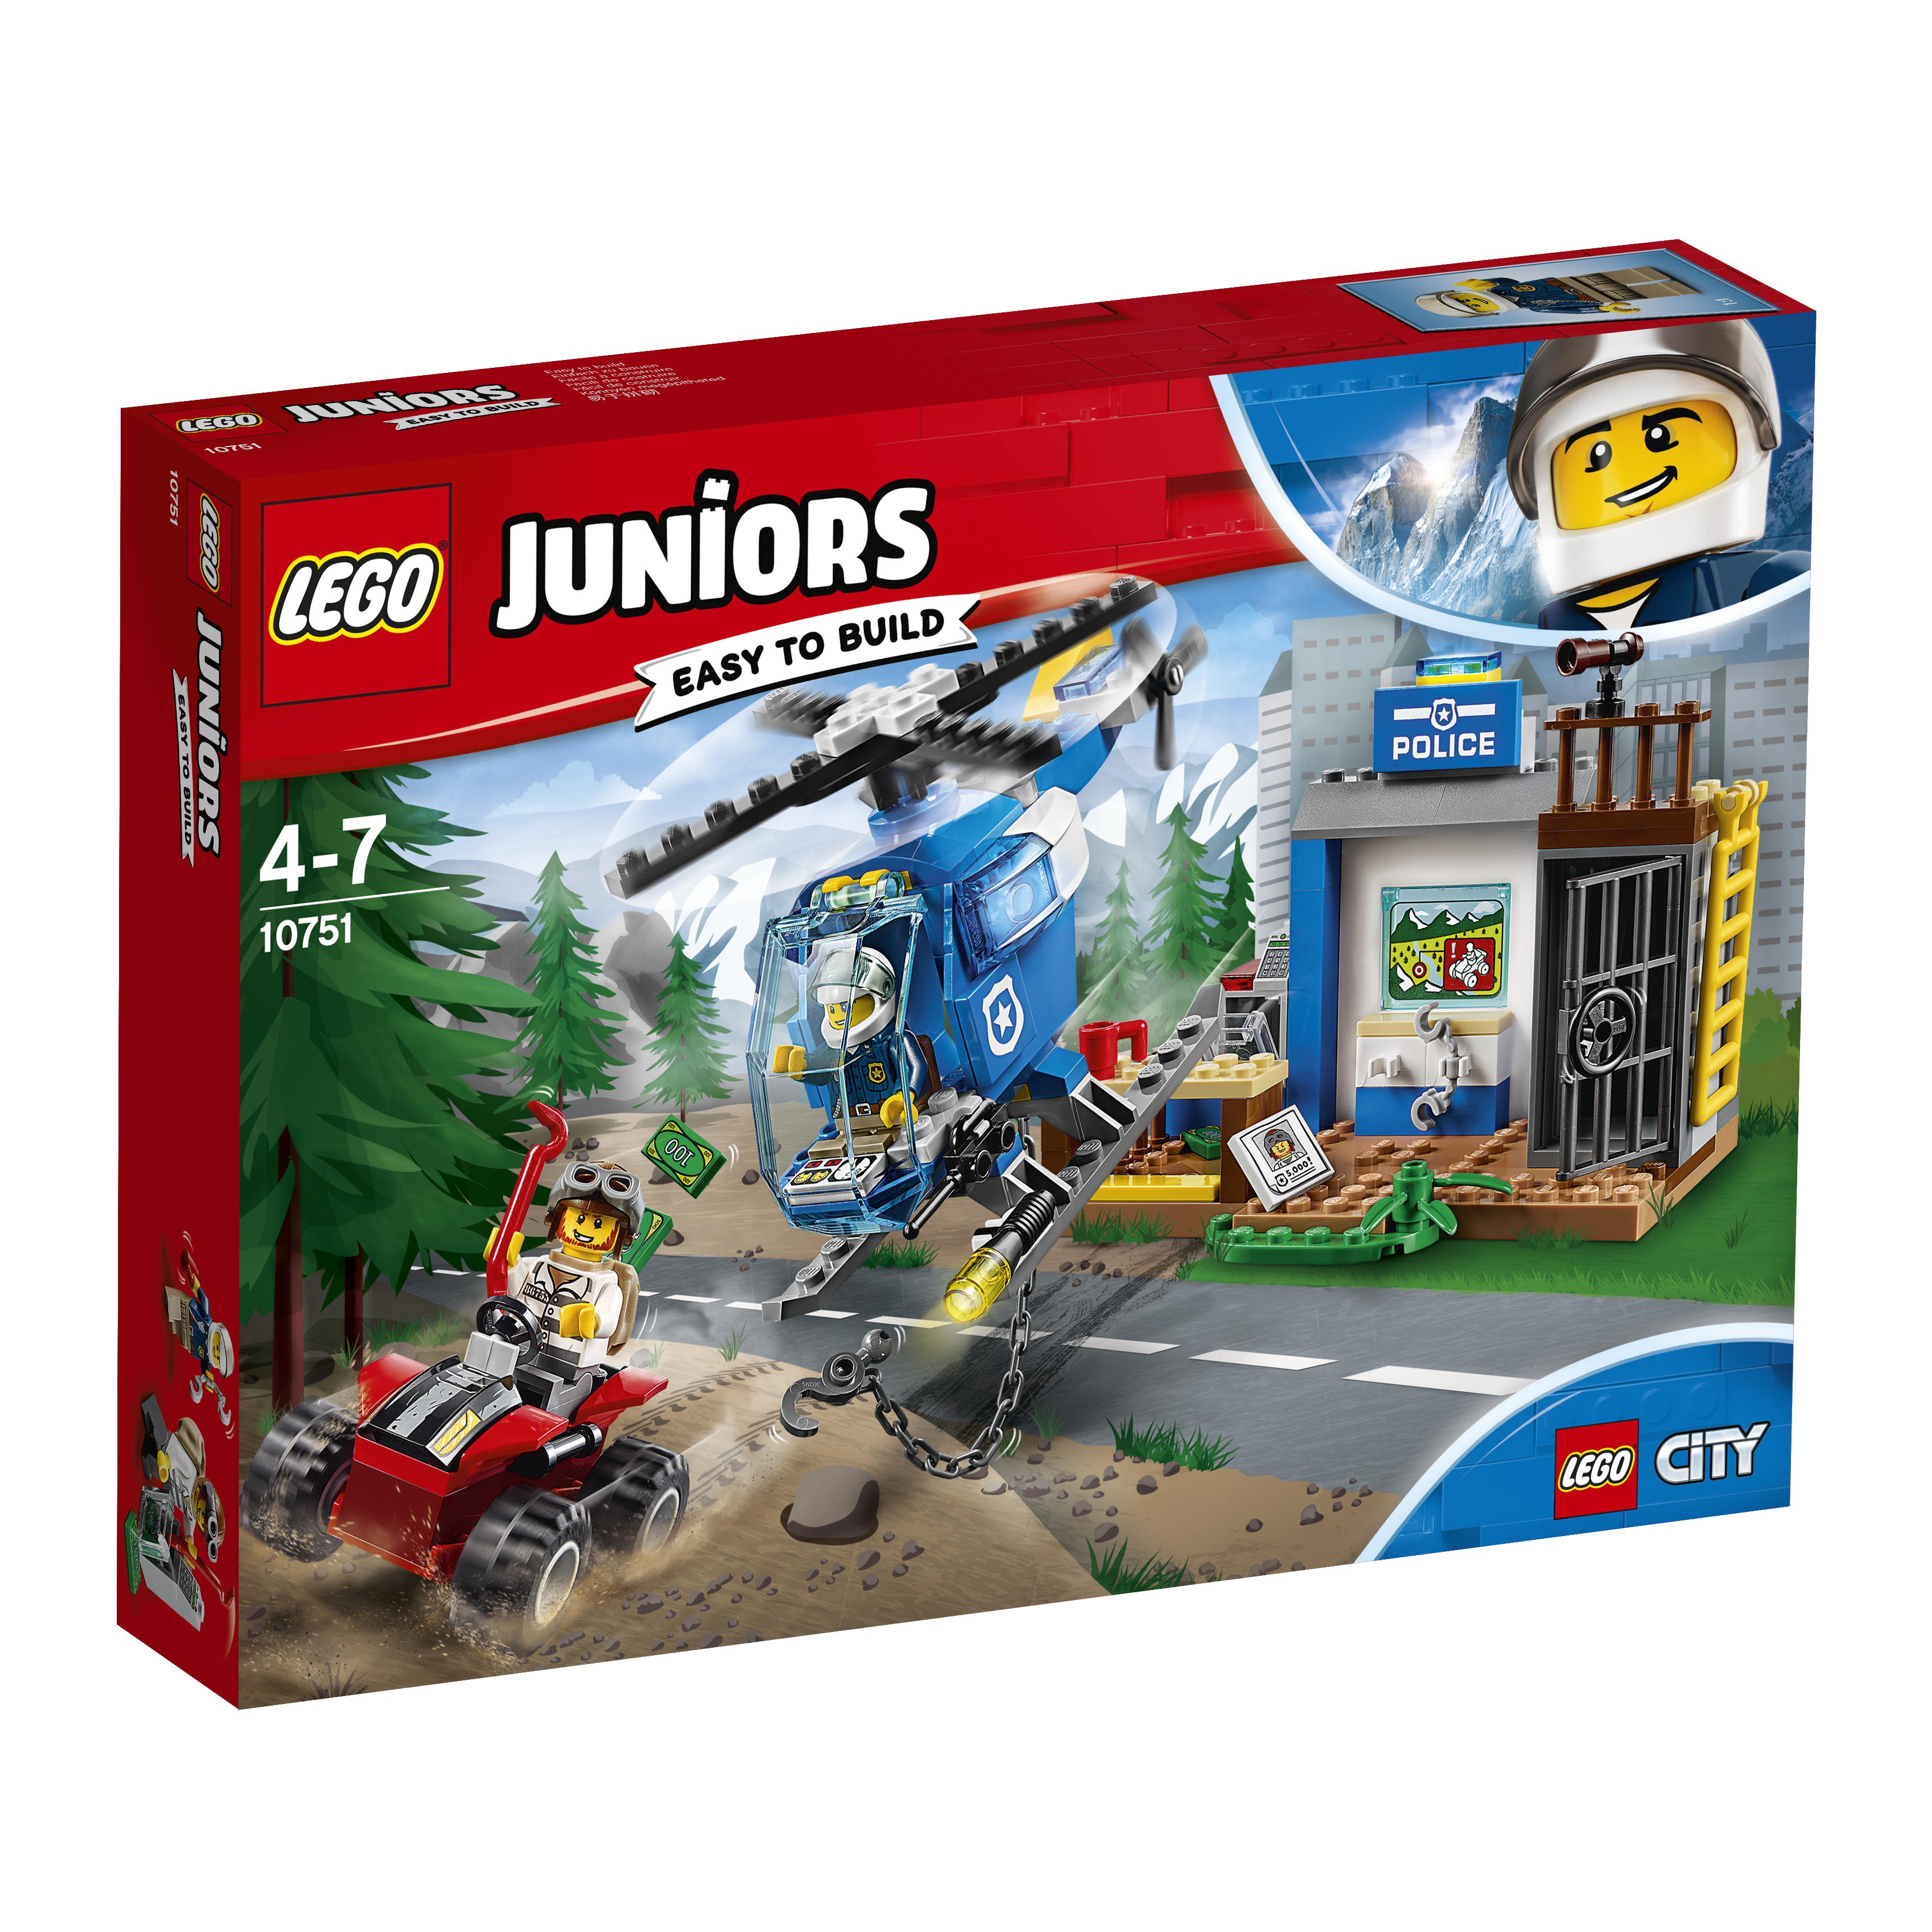 цена Конструктор LEGO Juniors 10751 Погоня горной полиции, 1шт.